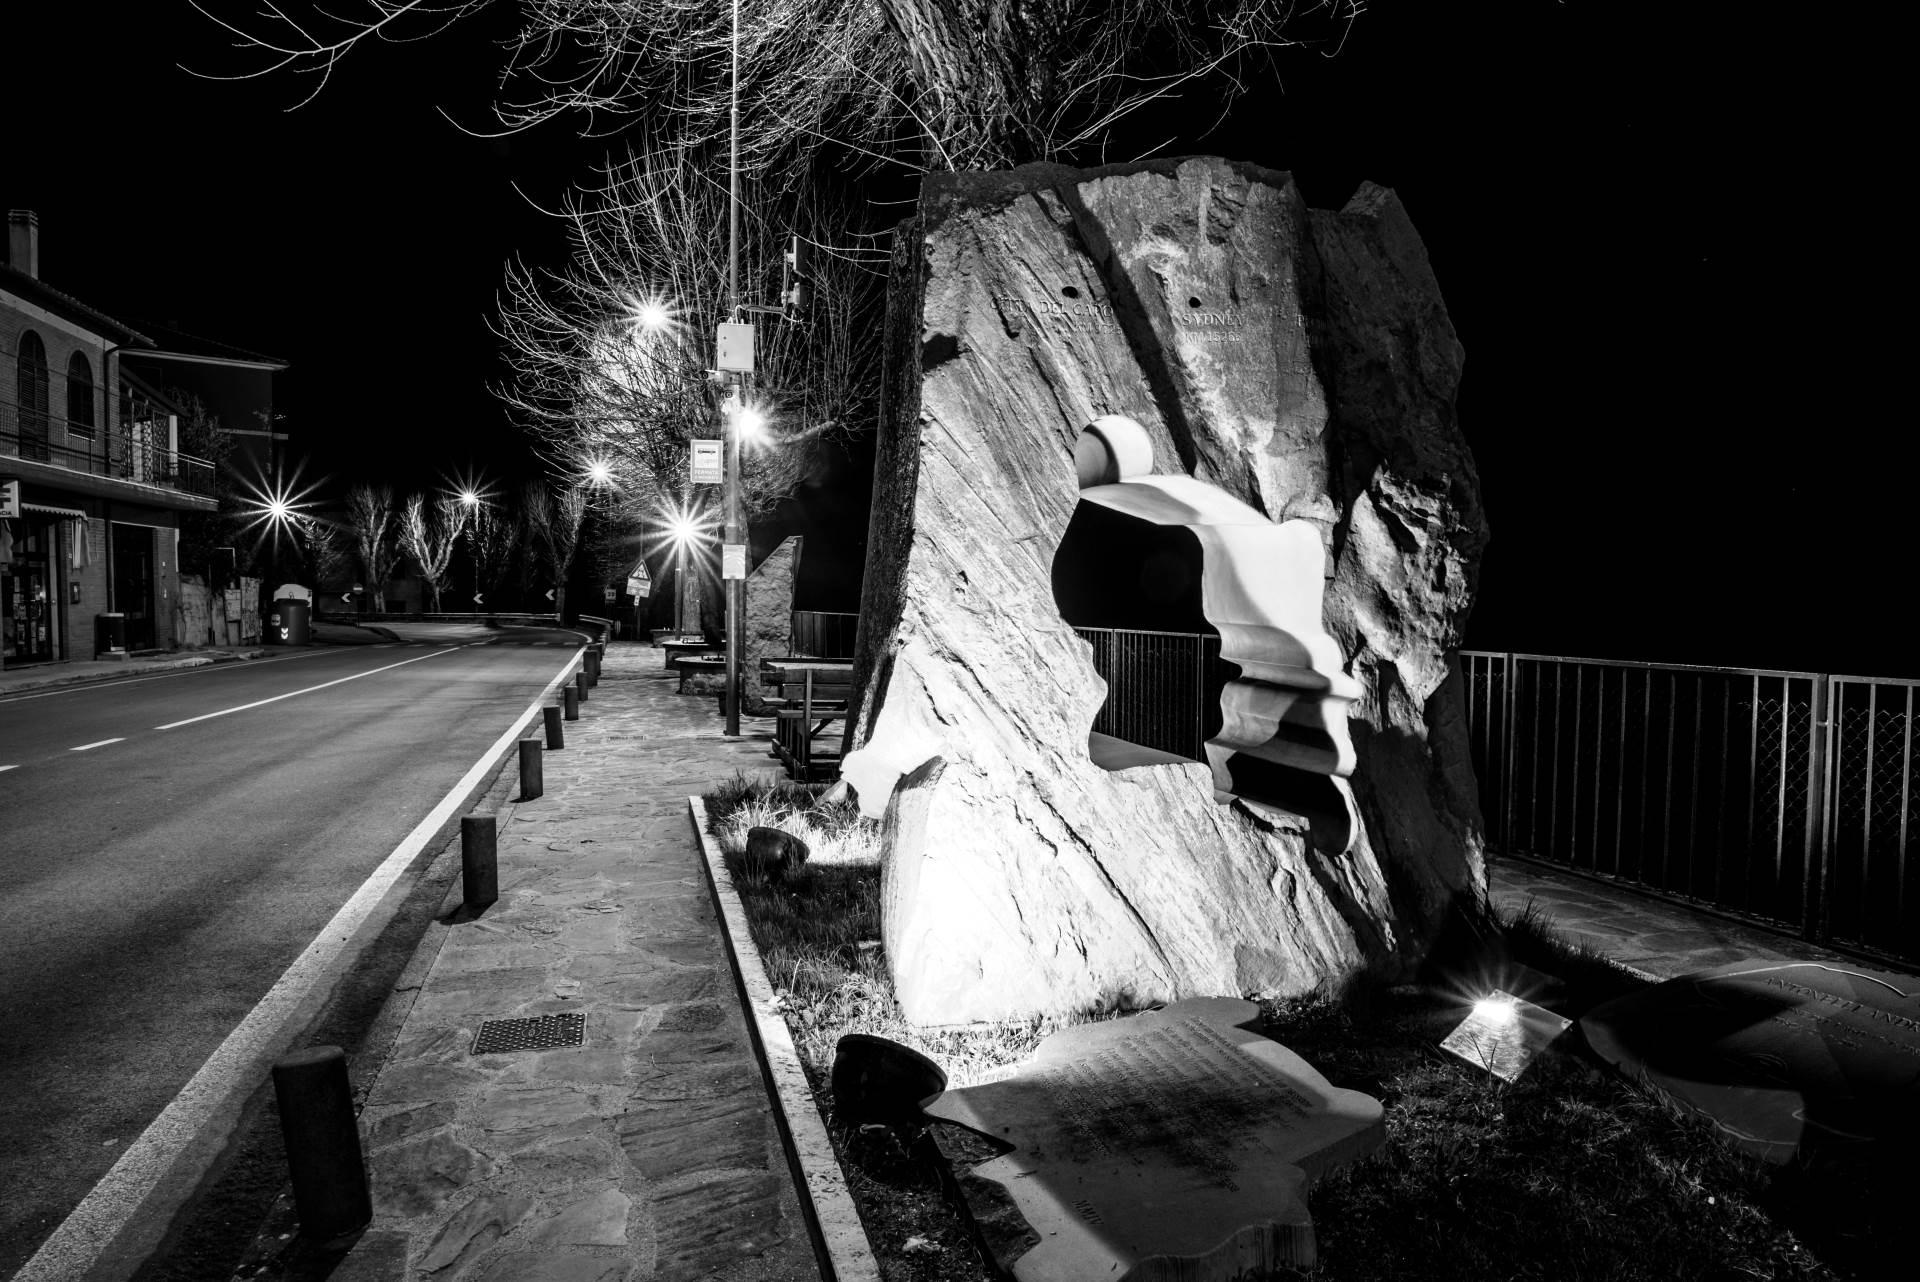 Dolmen, Monumento al motociclista a Casa Castalda di notte